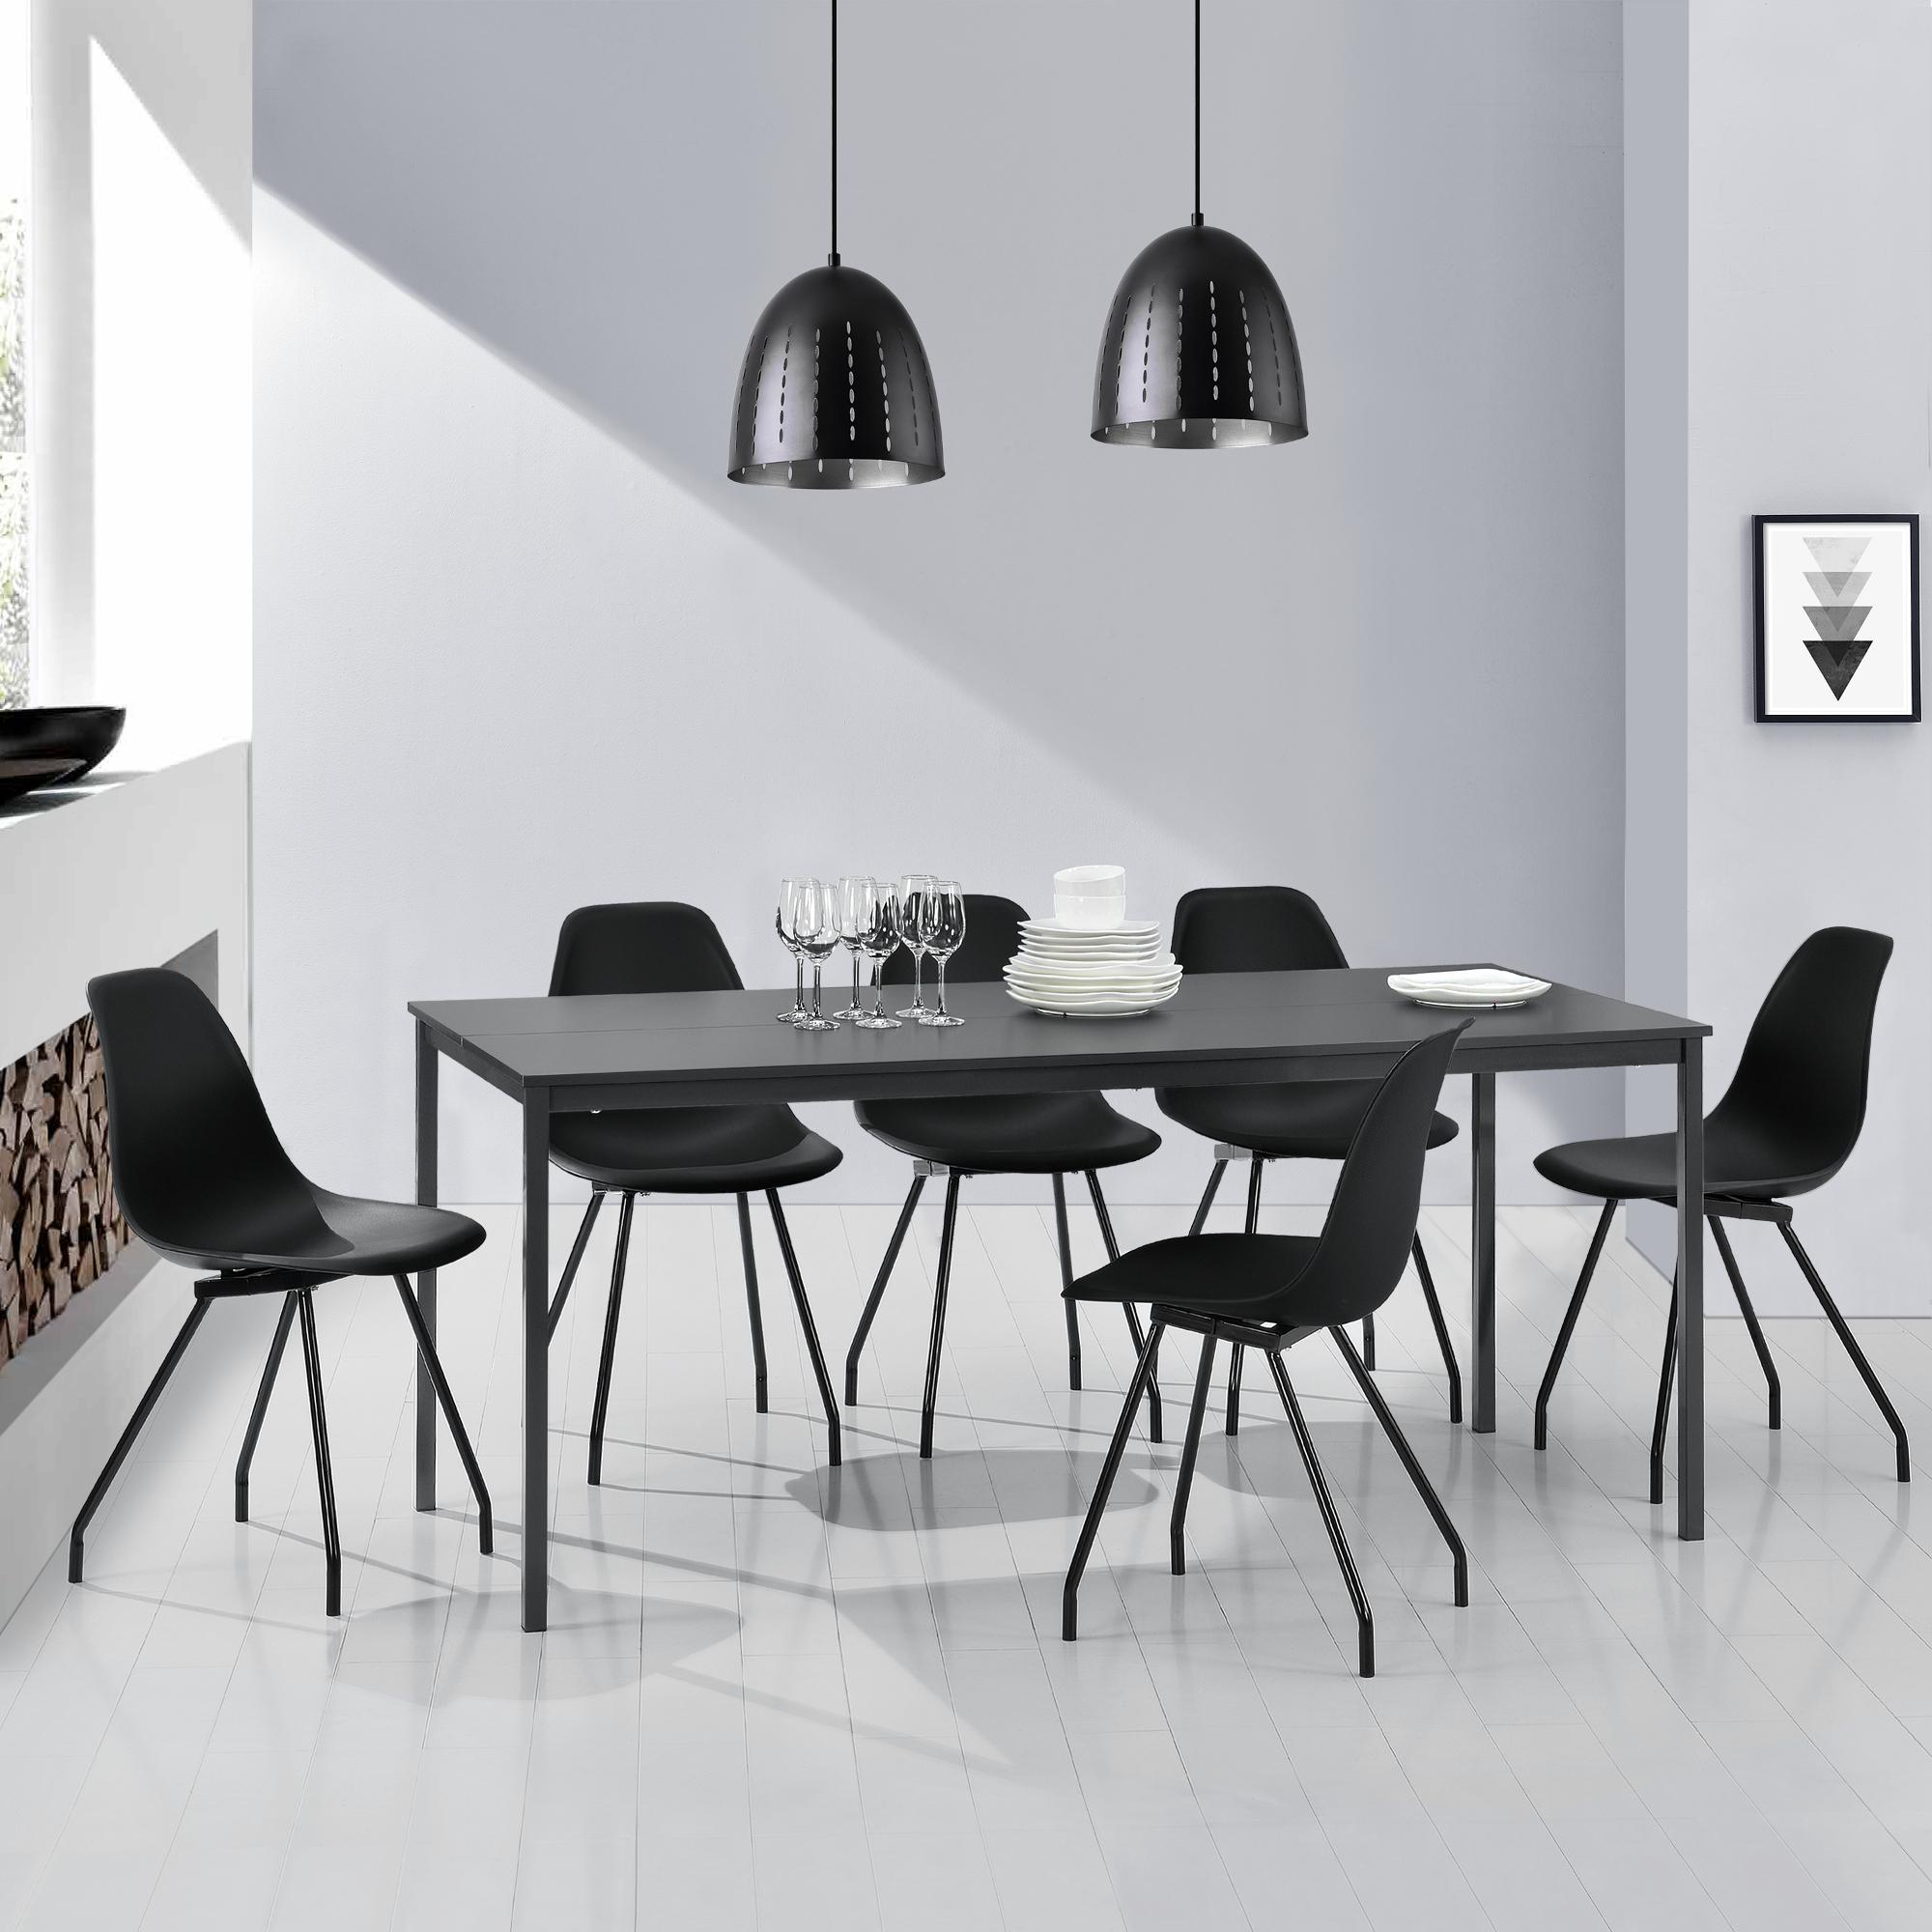 Esstisch + 6 Stühle grau/schwarz 180x80cm Küchentisch Esszimmertisch ...